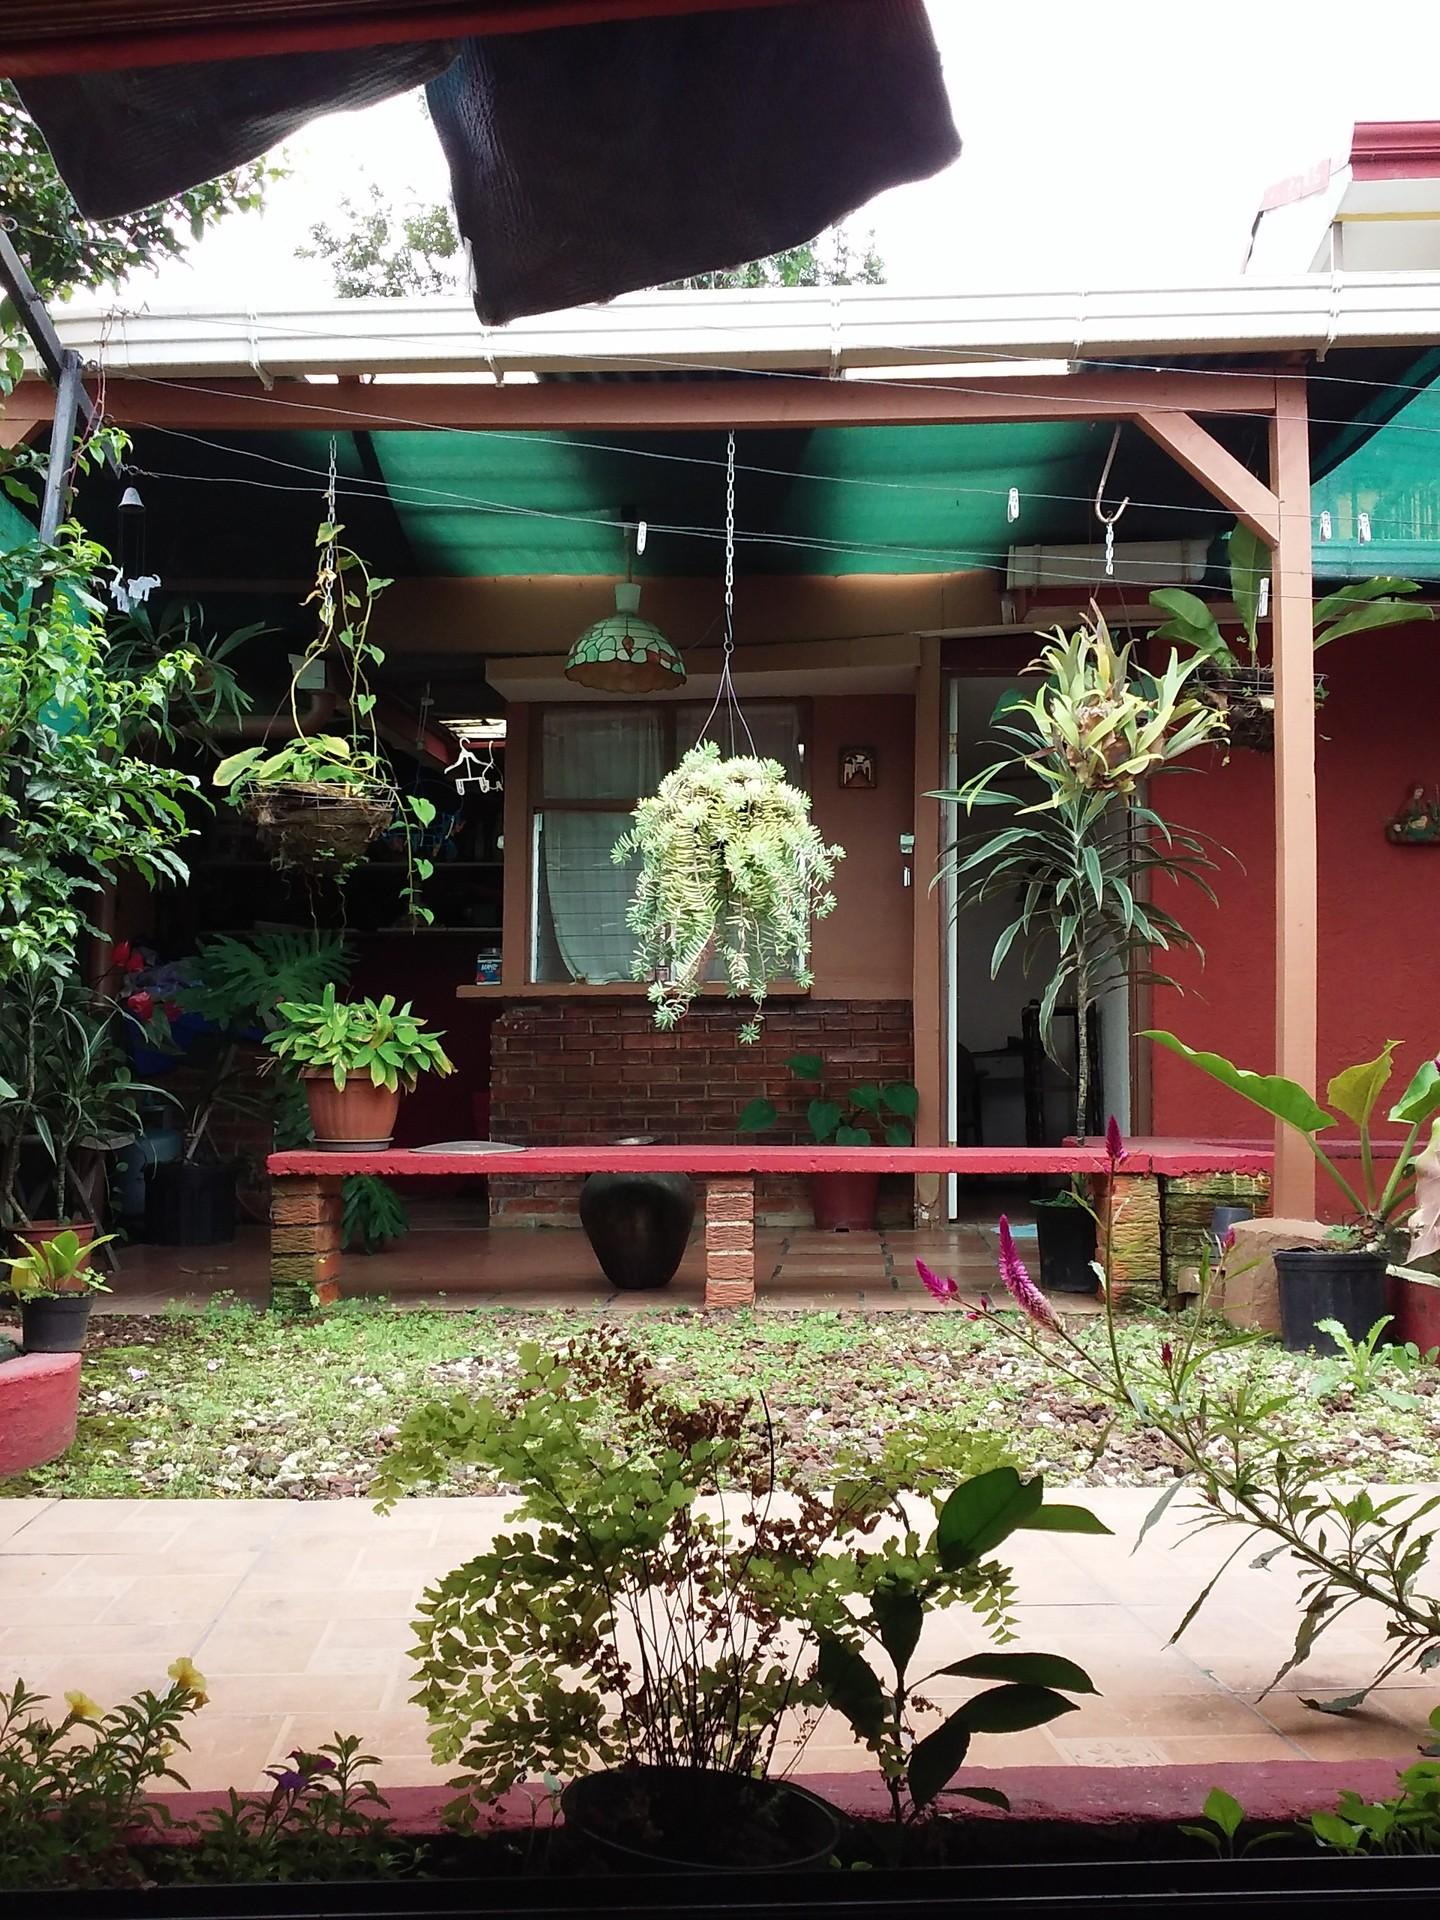 alquilo-habitaciones-cama-cable-wifi-se-da-desayuno-1d1a95a4af4b83de751d8099bb9998d4